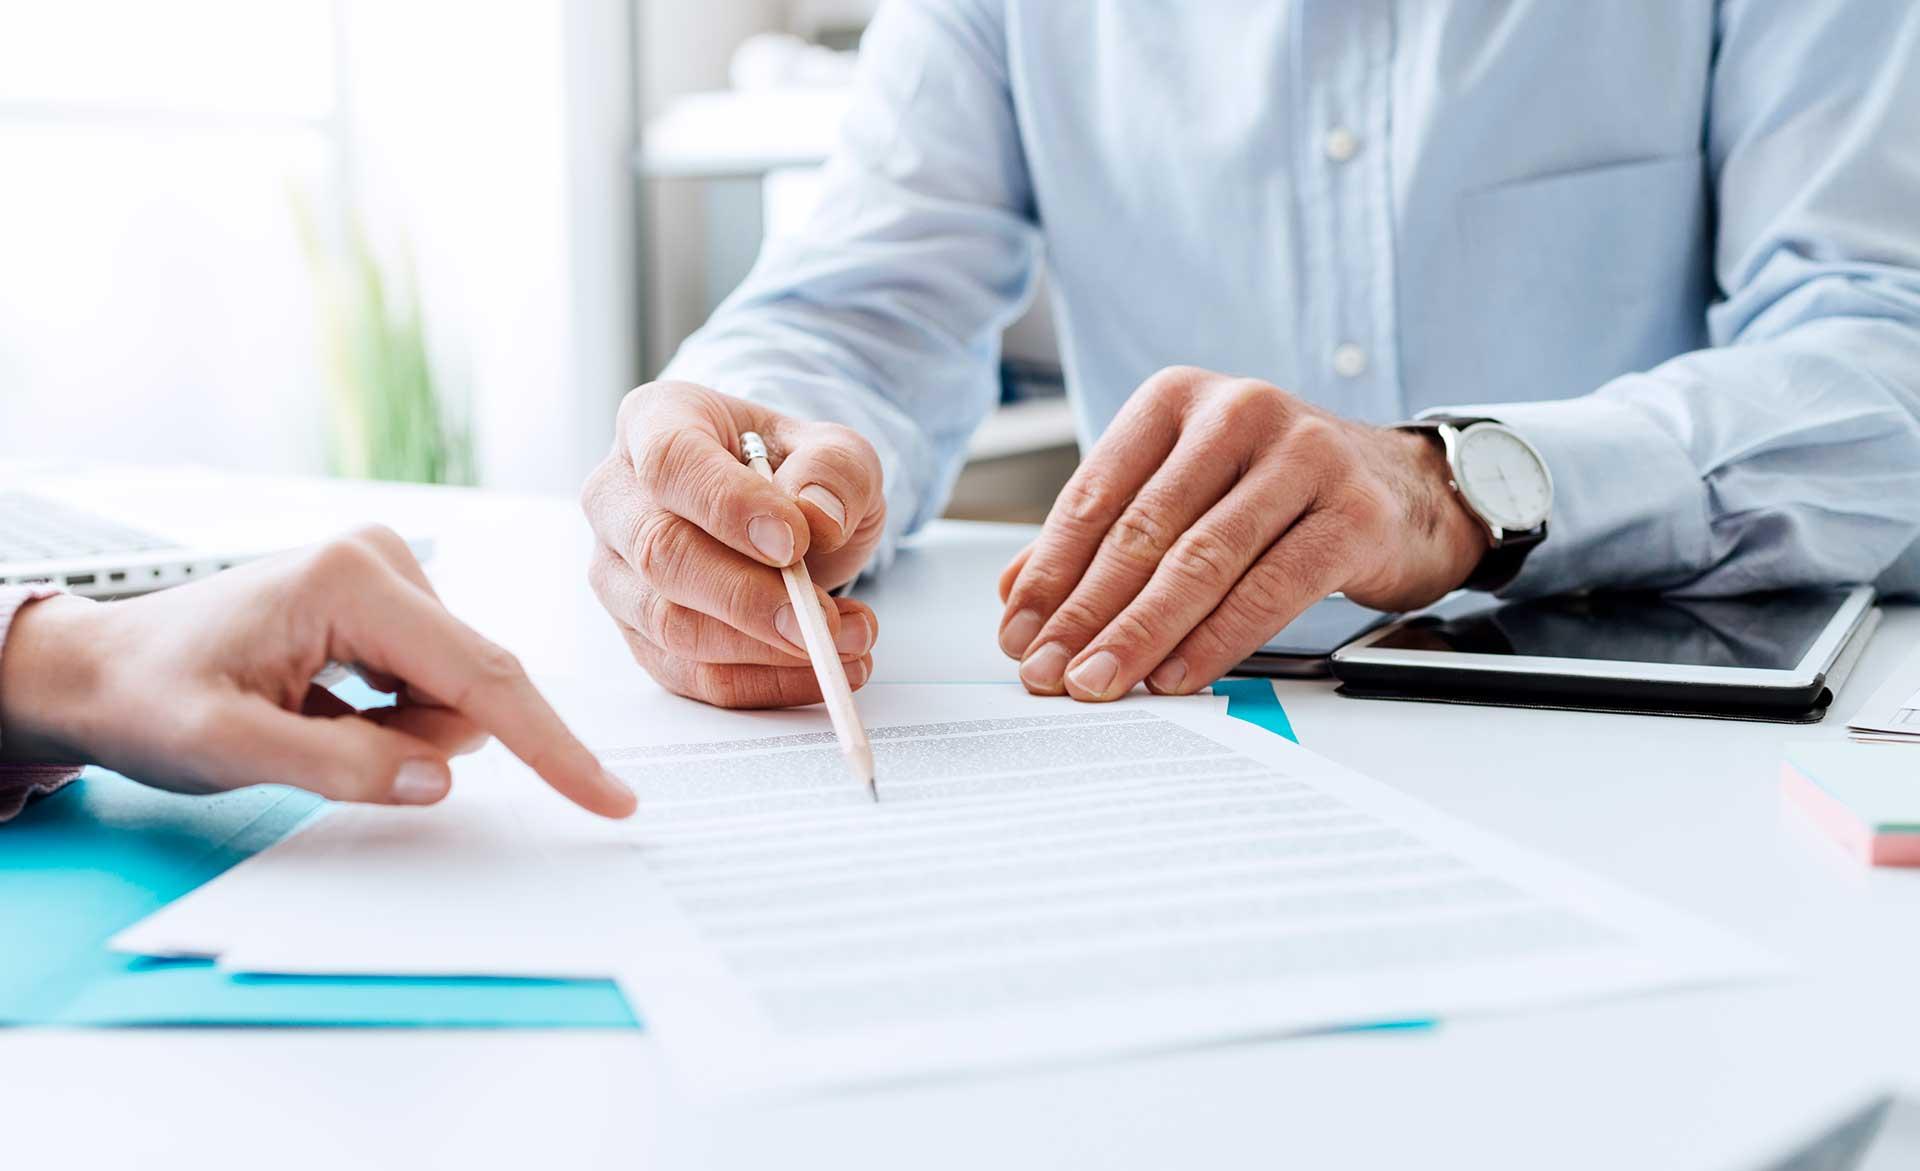 Asesoramiento experto a través de un consultor personal